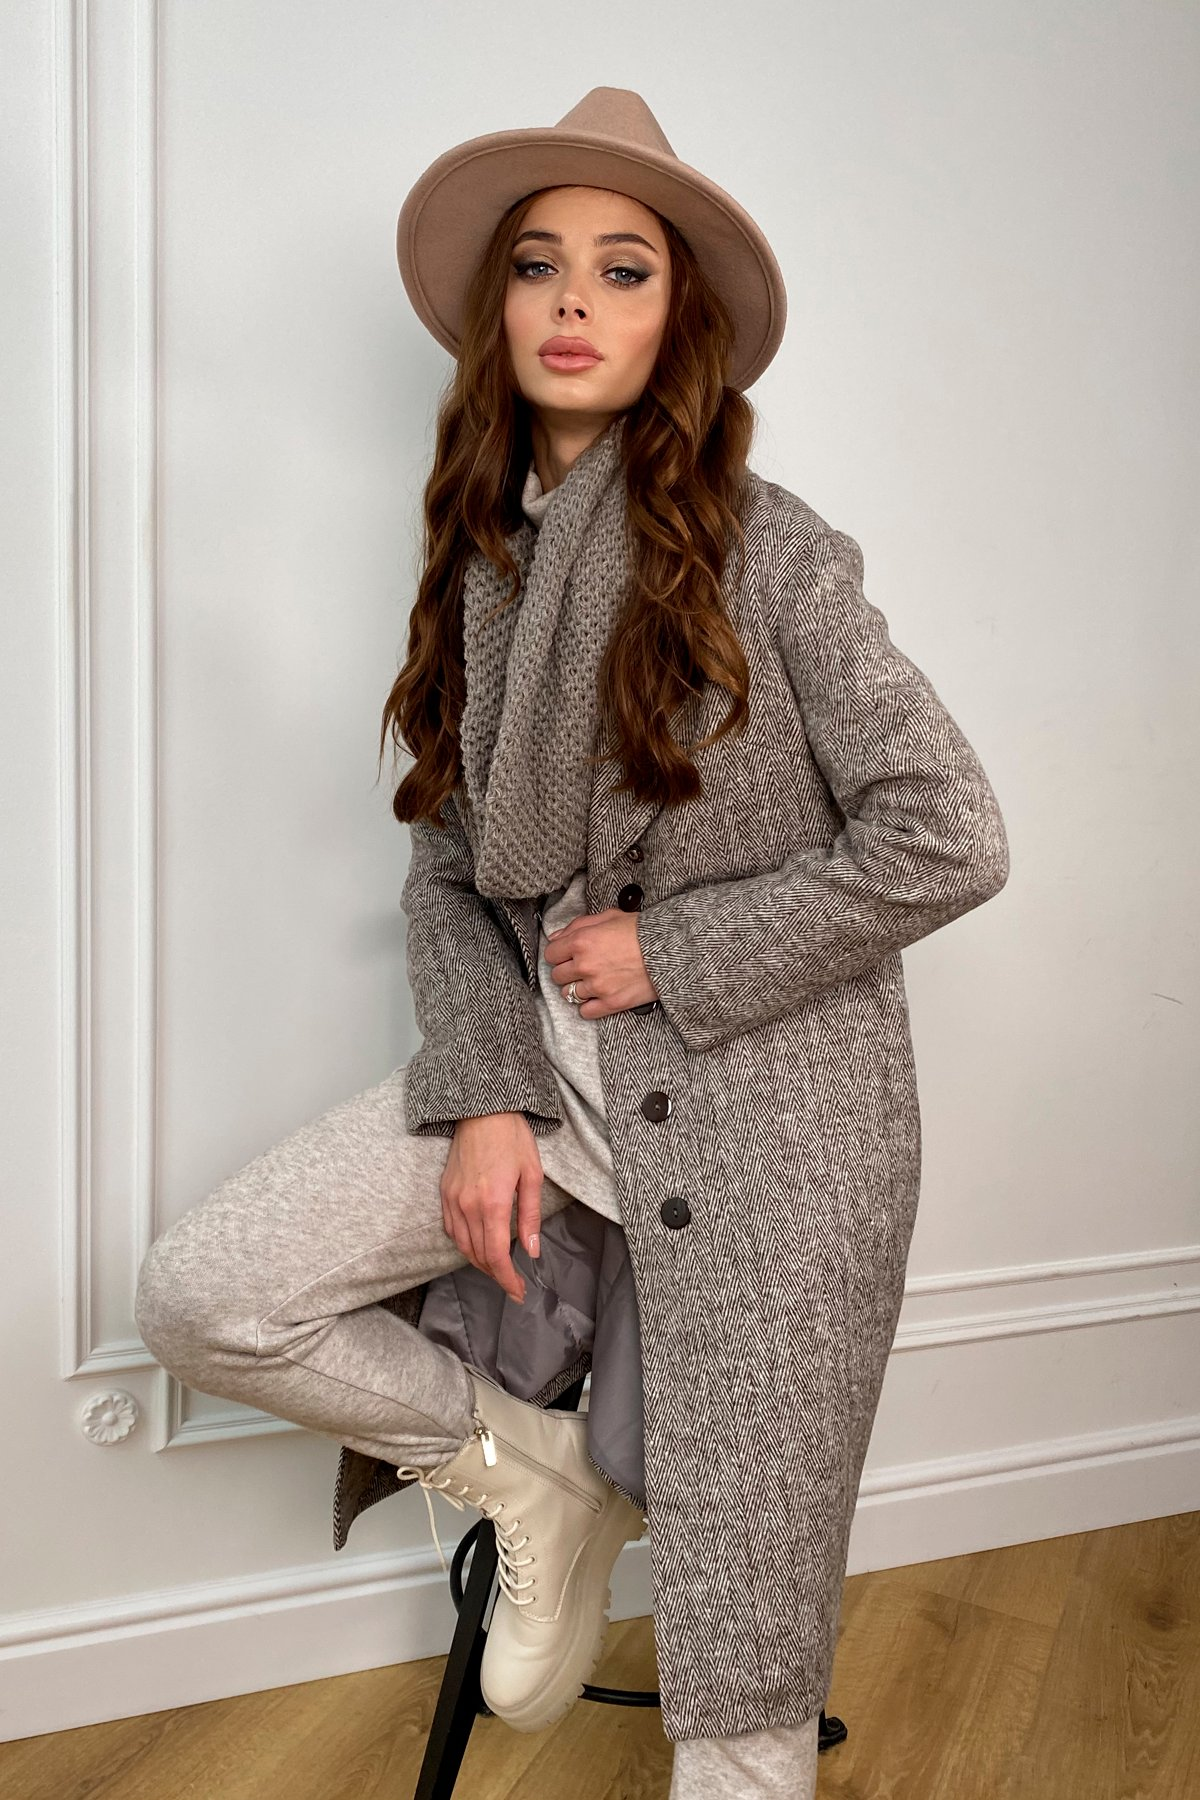 Зимнее пальто полуприталенного кроя Севен 8262 АРТ. 44330 Цвет: шоколад/молоко - фото 3, интернет магазин tm-modus.ru